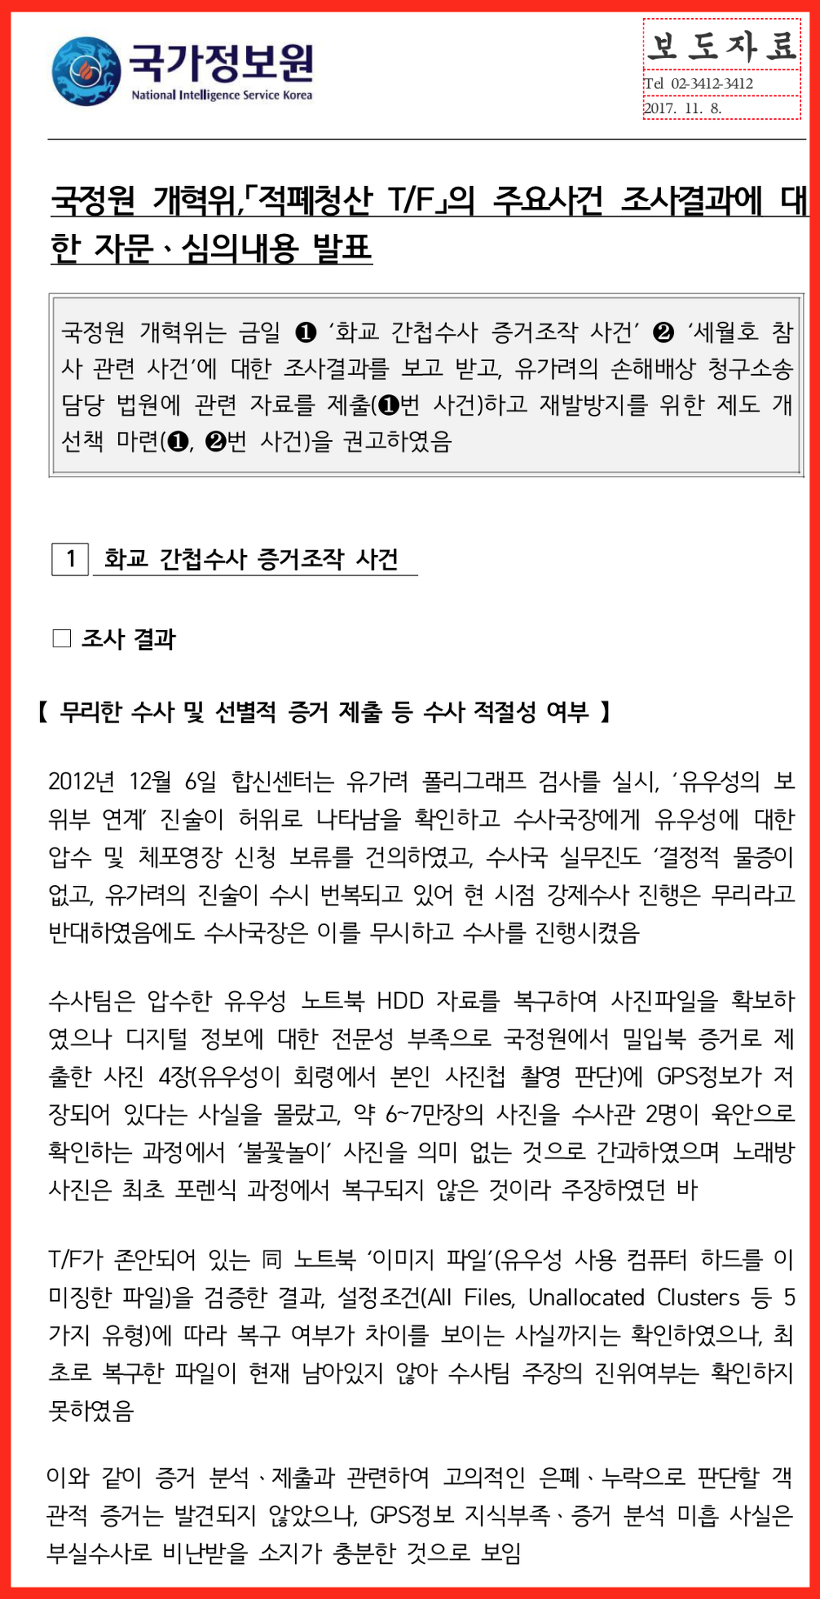 천안함은 분명히 북에 의한 폭침이다.